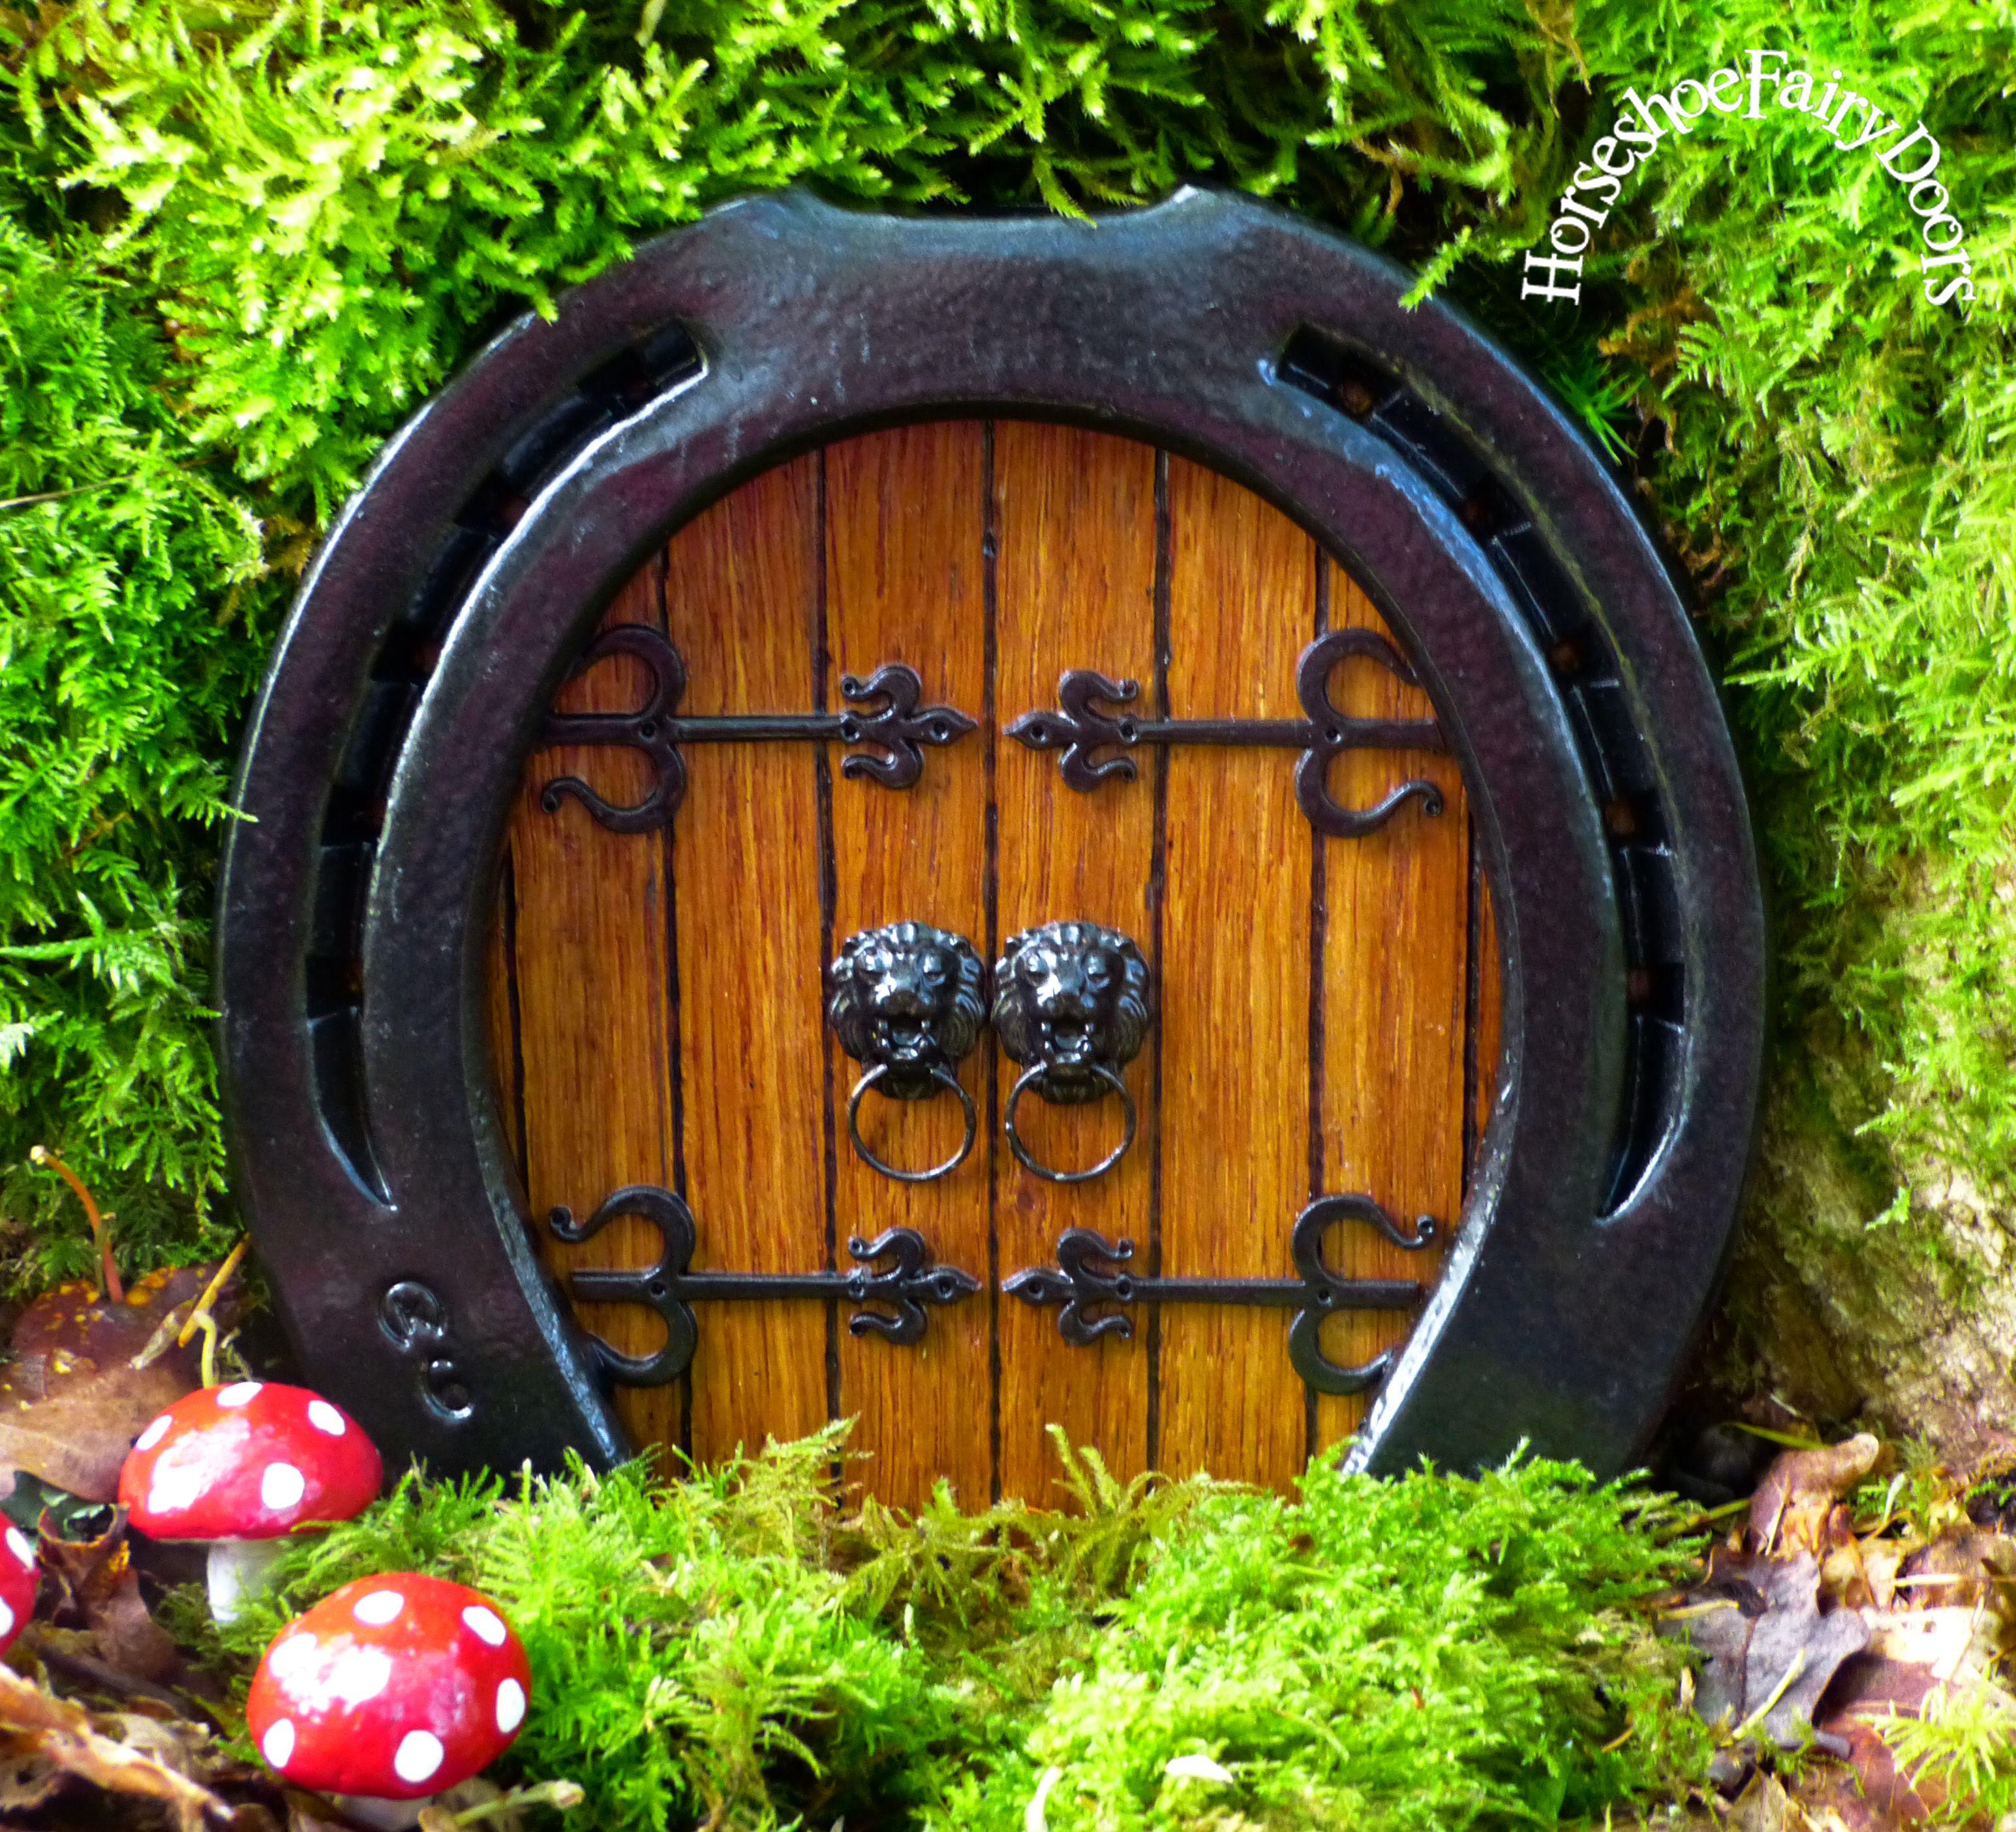 Horseshoe Fairy Door Hobbit Door Elf Pixie Garden Ornament